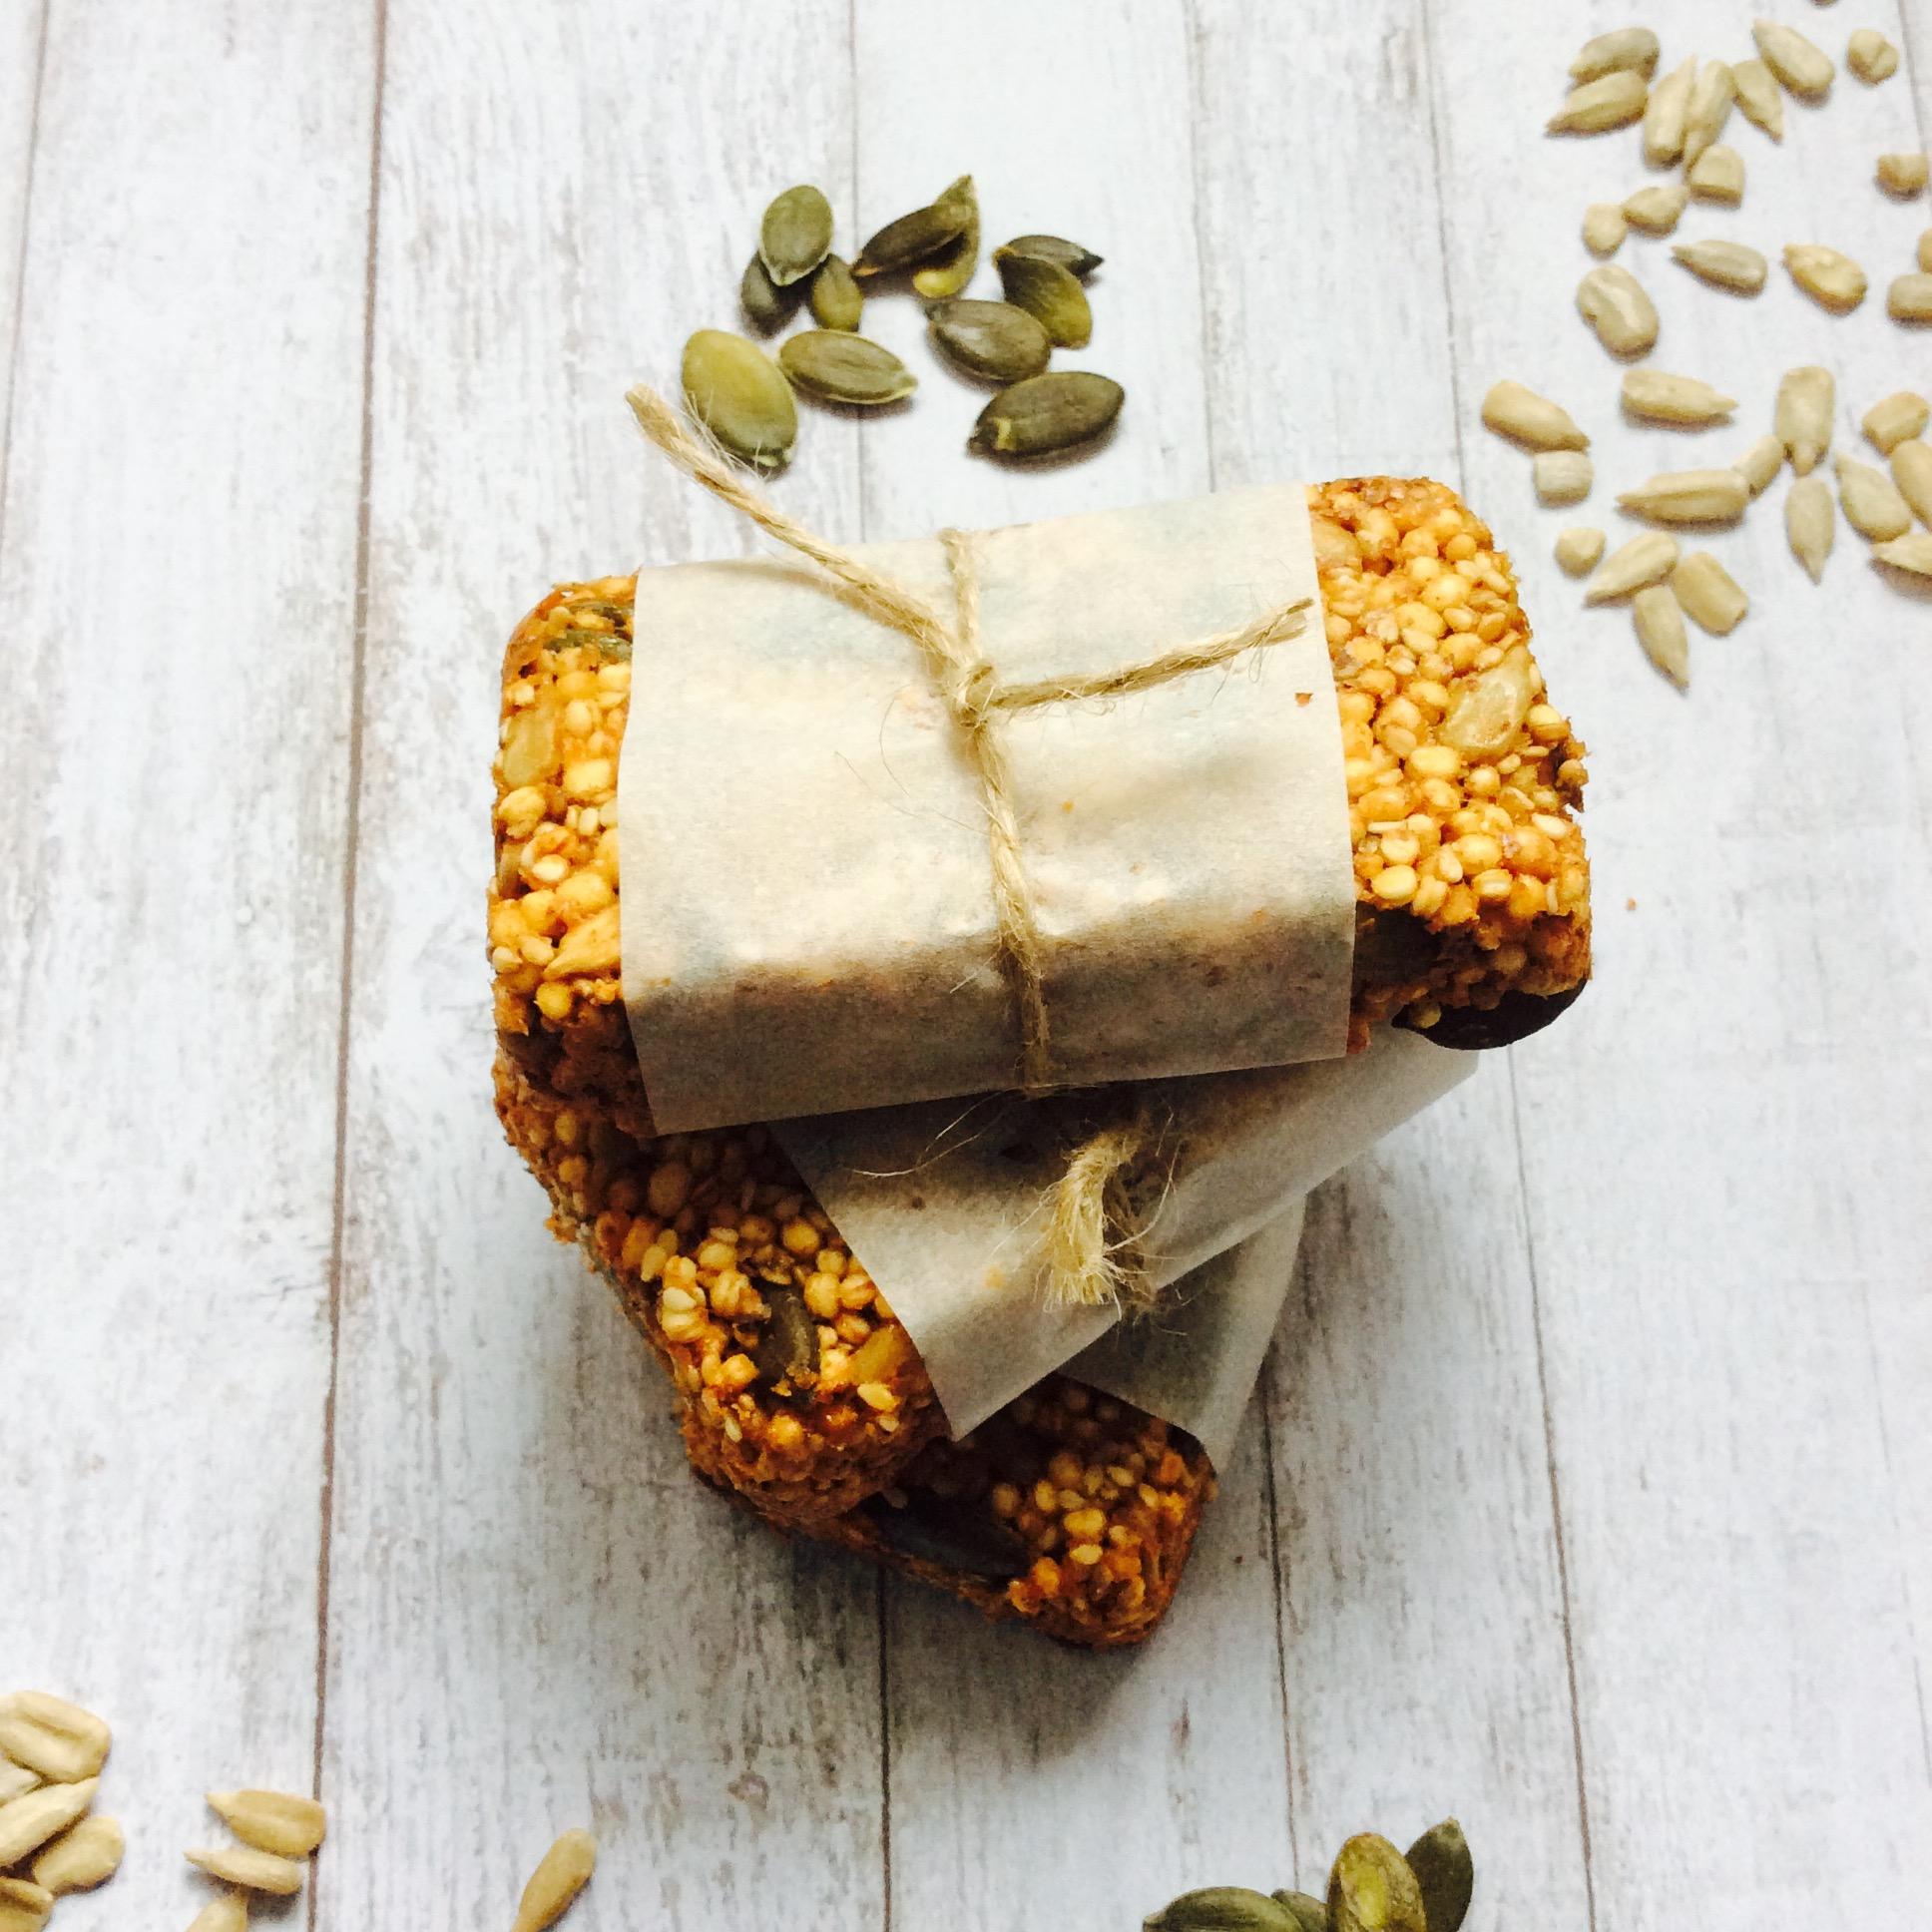 receta-barritas-quinoa-y-semillas-ido-3